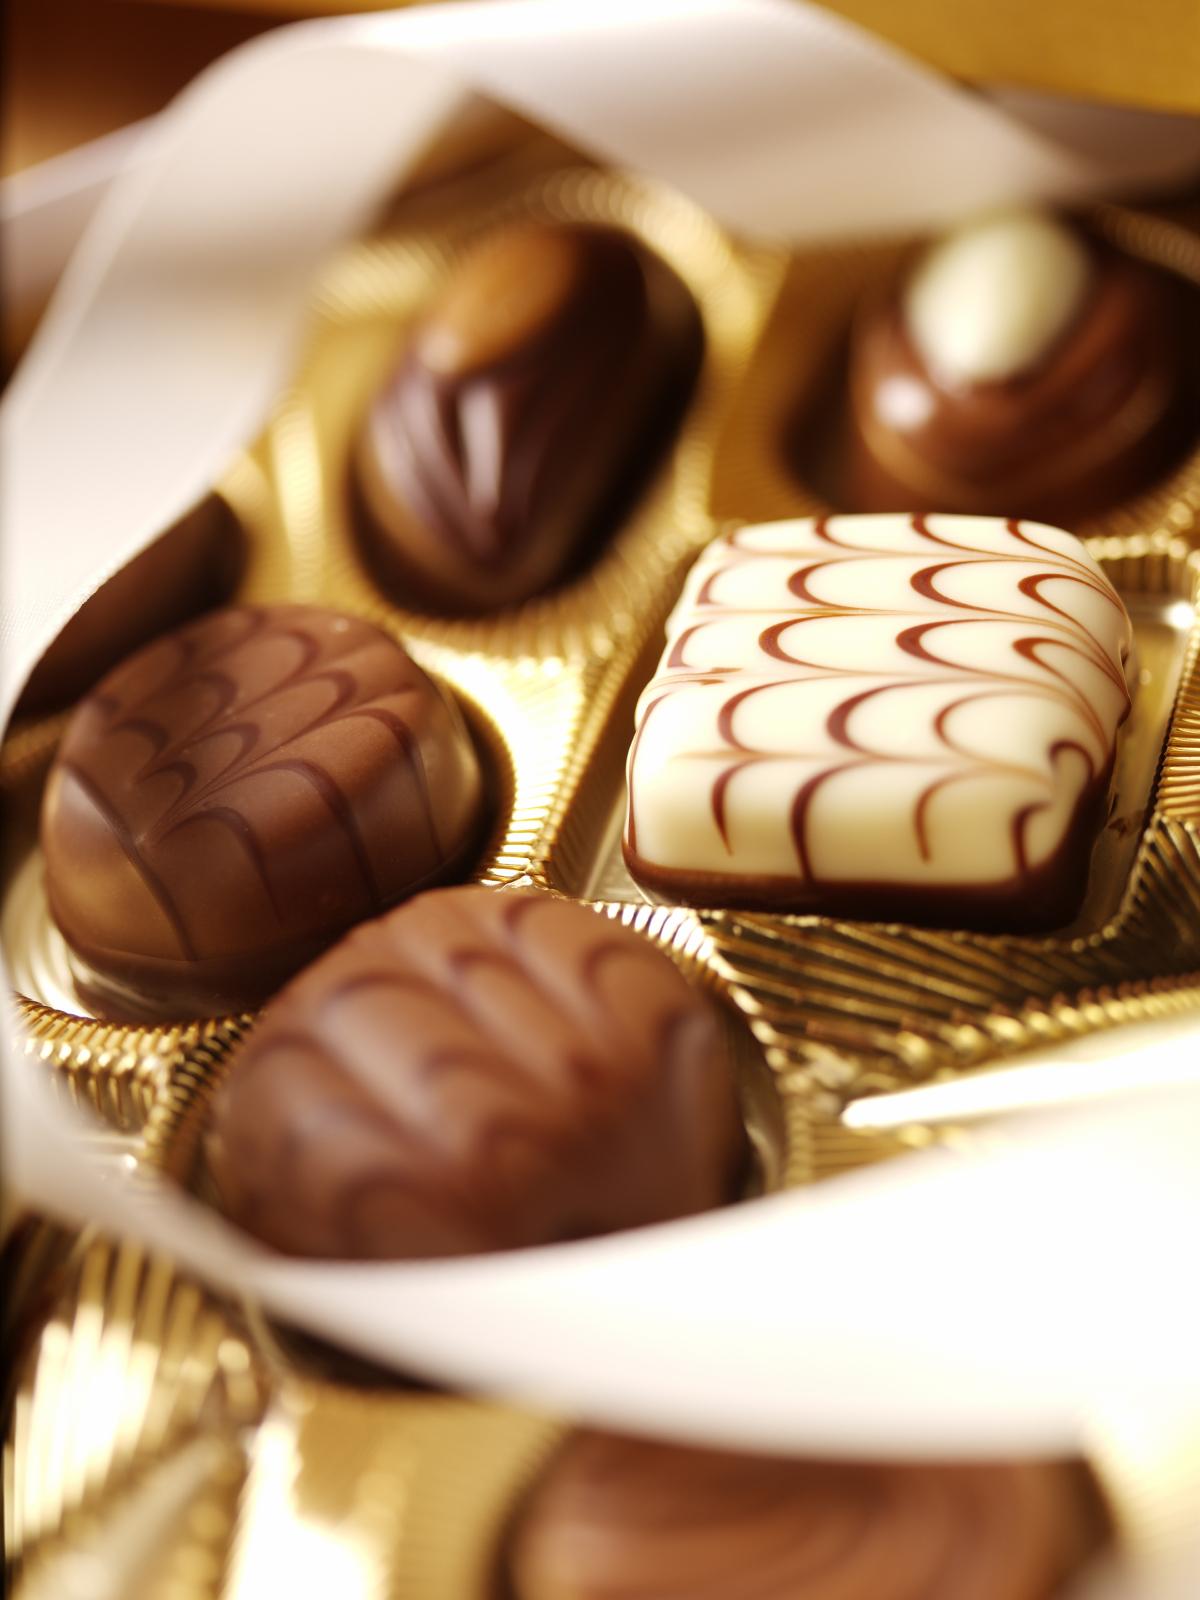 28+ [ Chocolates Gourmet ] | Lesleys Gourmet,Chocolate Gourmet ...